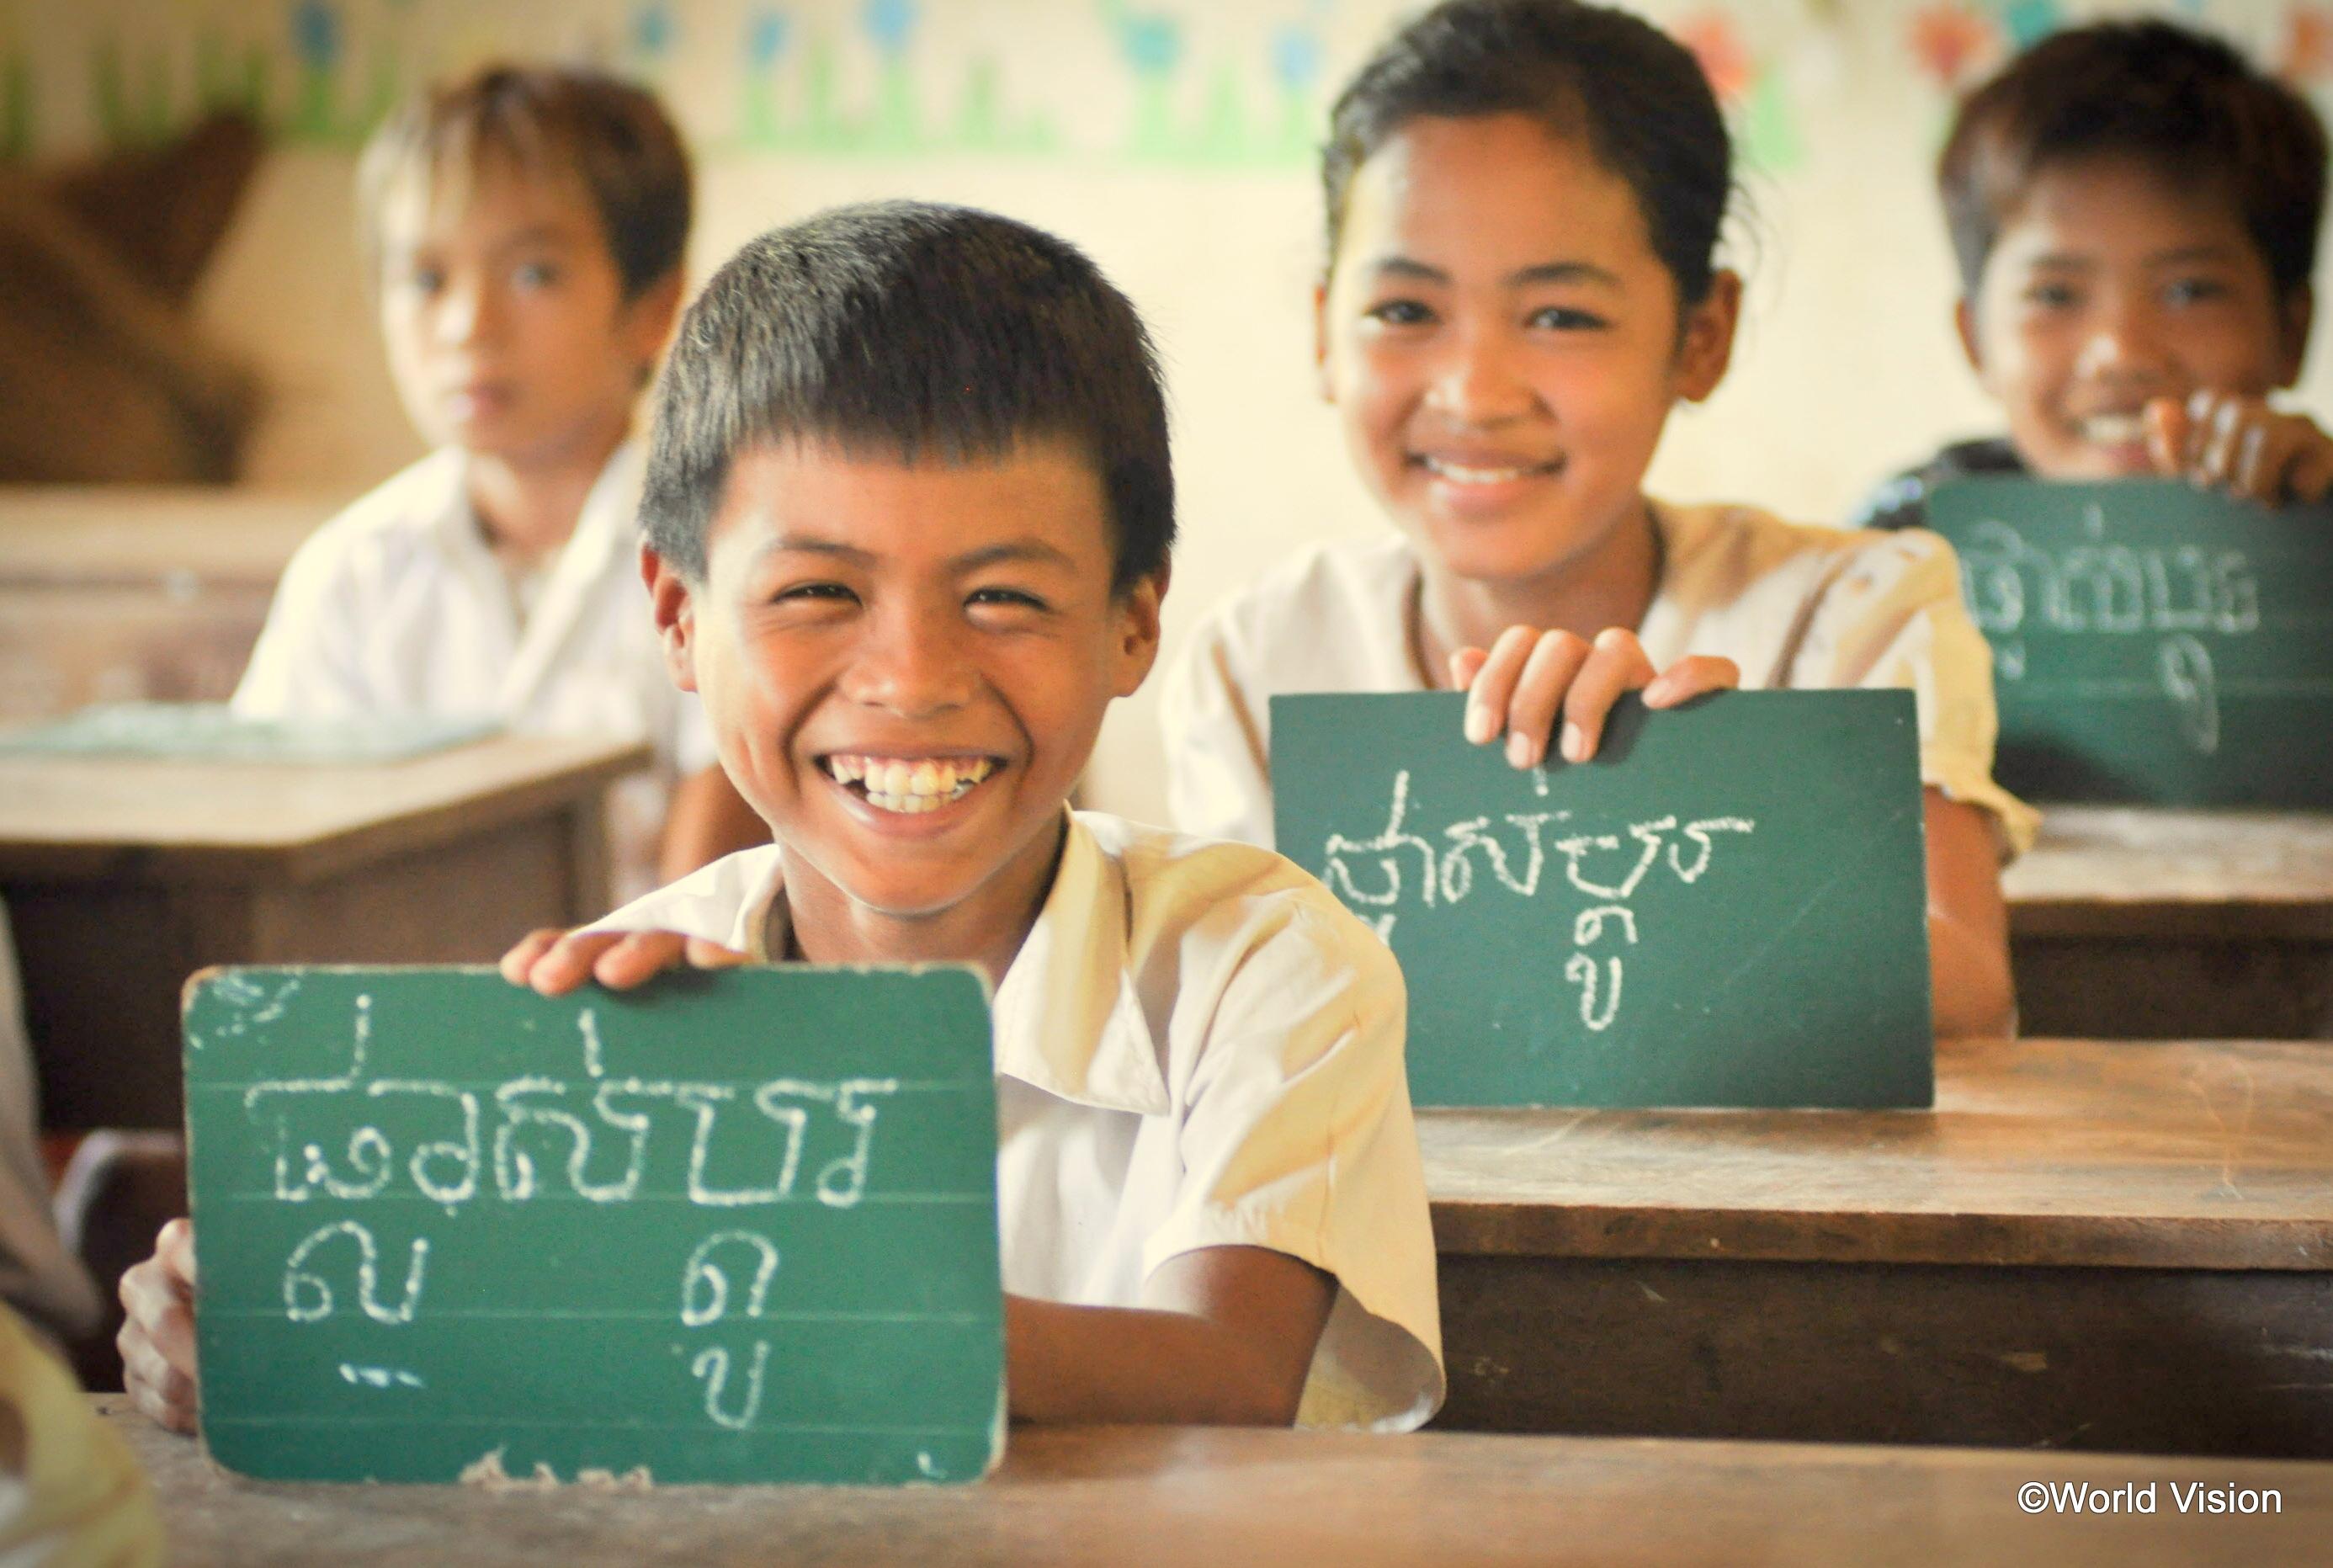 カンボジアの男の子が教室で黒板に文字を書いて満面の笑み